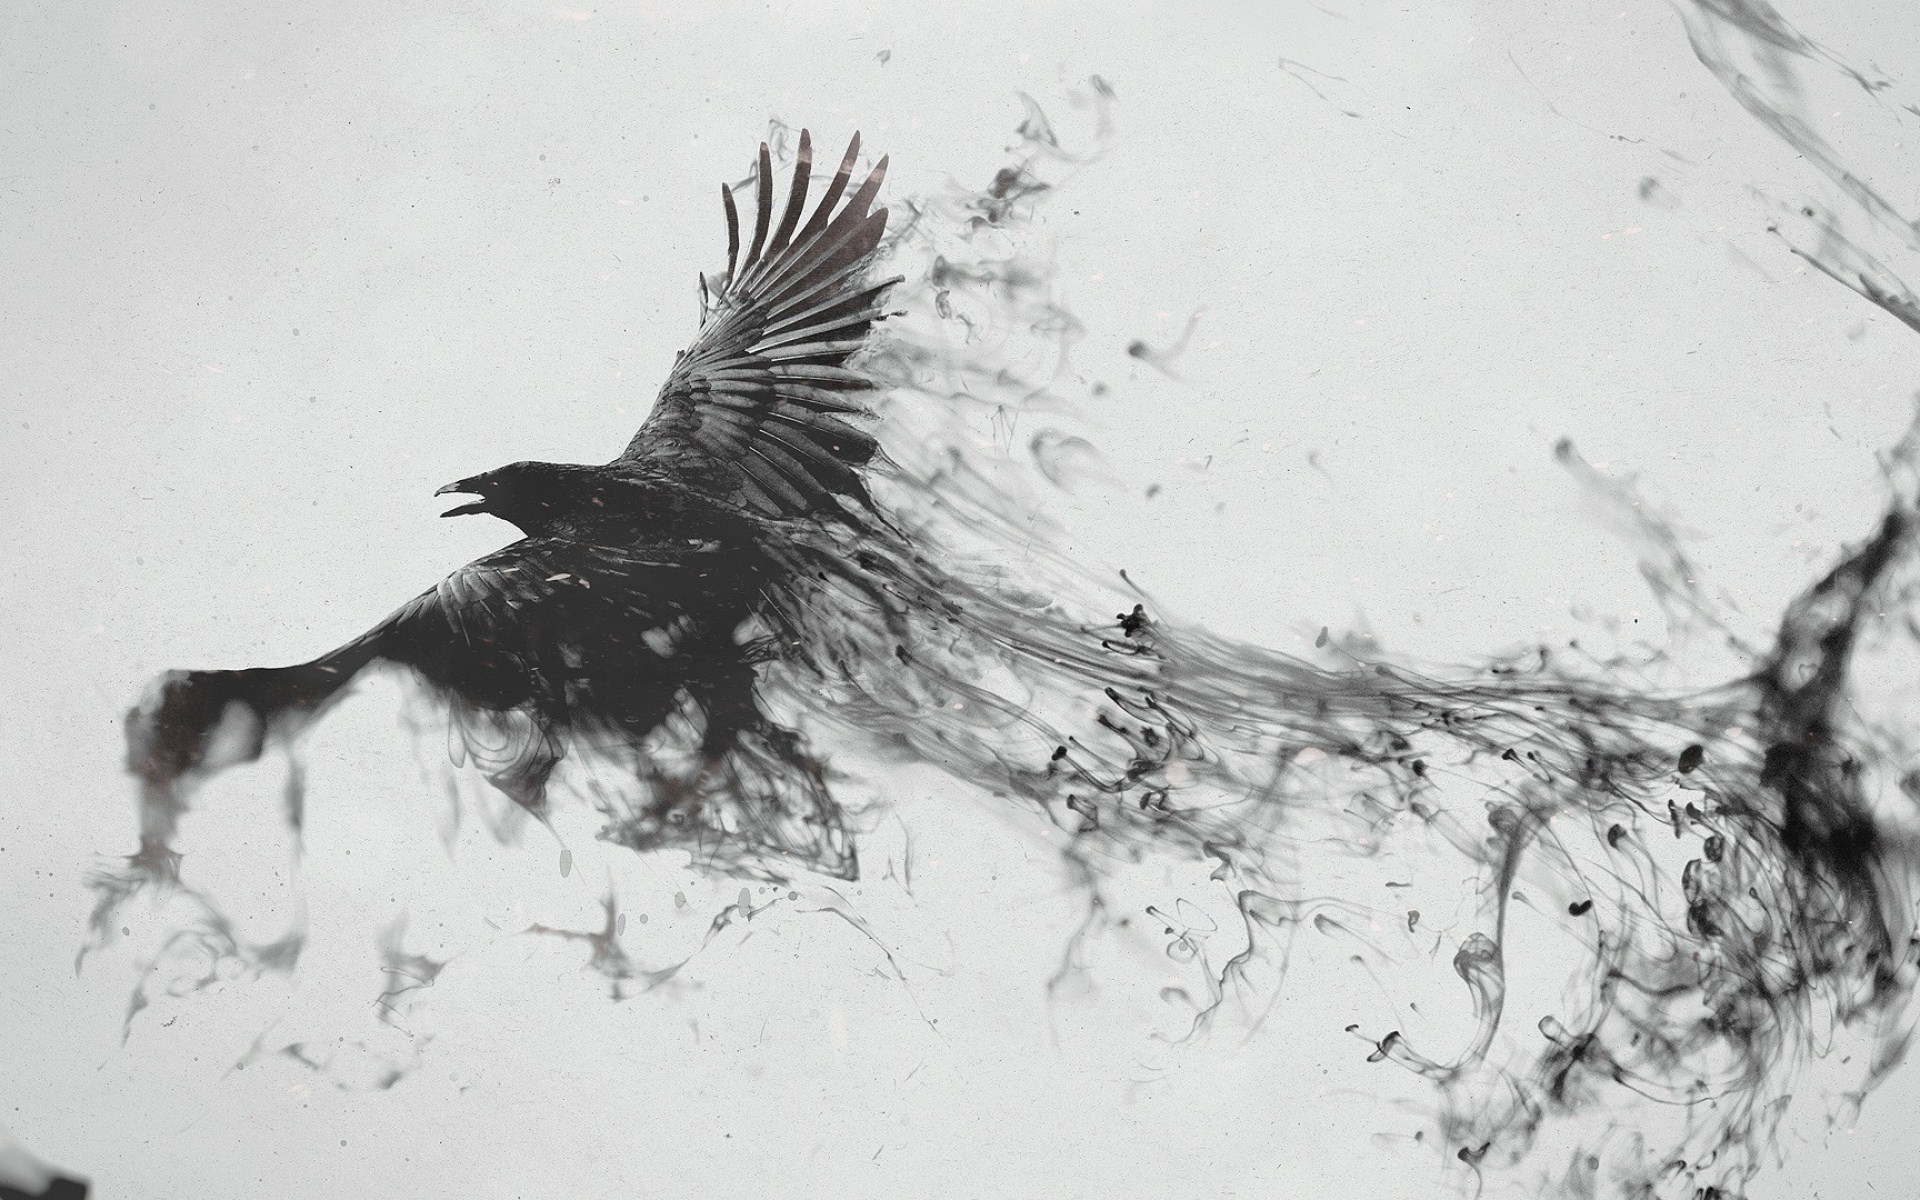 Abstract-Smoke-Flying-Bird-Art-Photos-5275